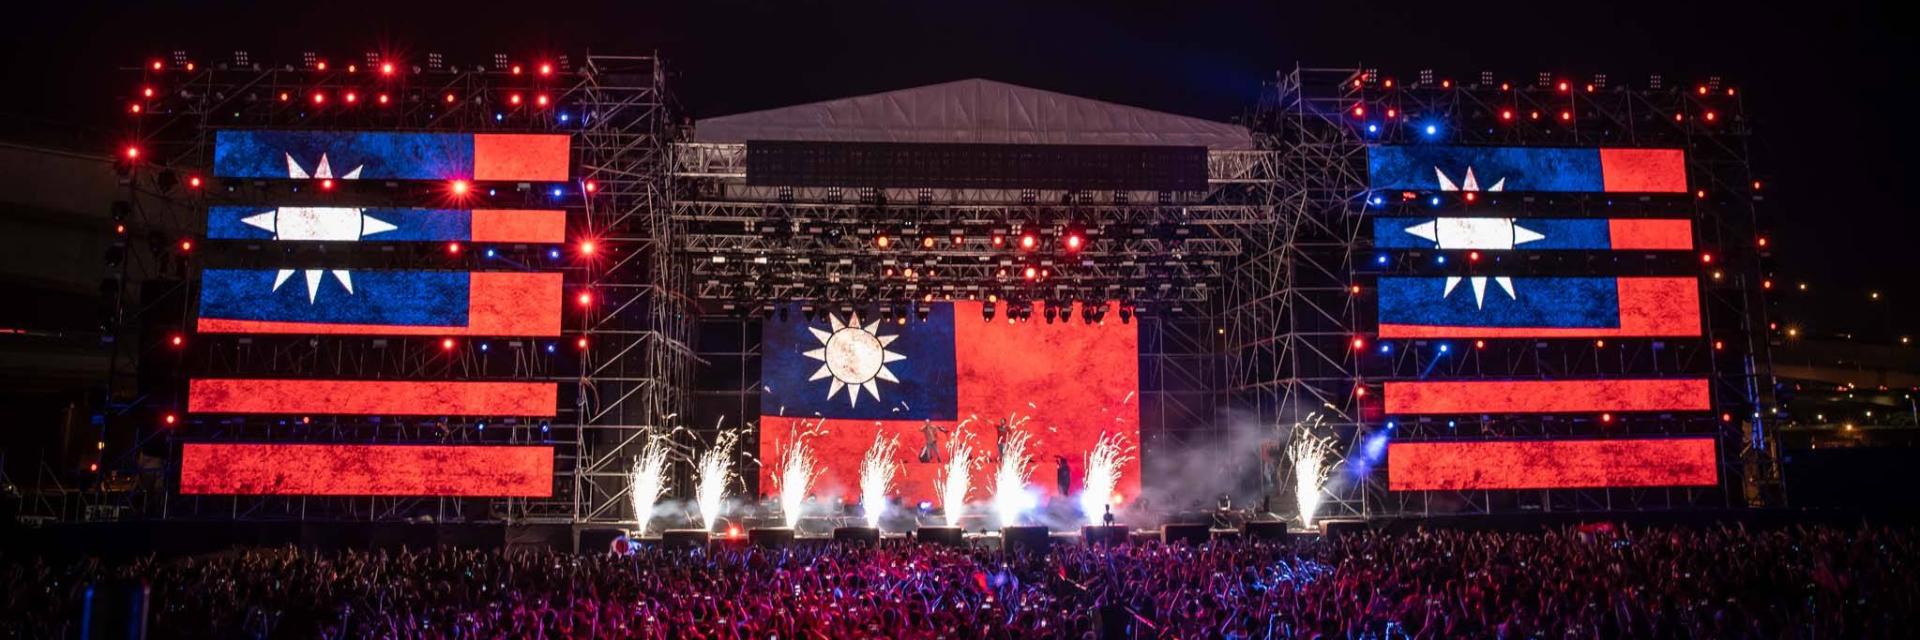 最潮電音趴 9 月 7 日 Creamfields 超狂夢幻演出陣容今年絕對不能再錯過!「他們」跟著英國歷史最悠久的戶外經典派對登陸臺灣啦!